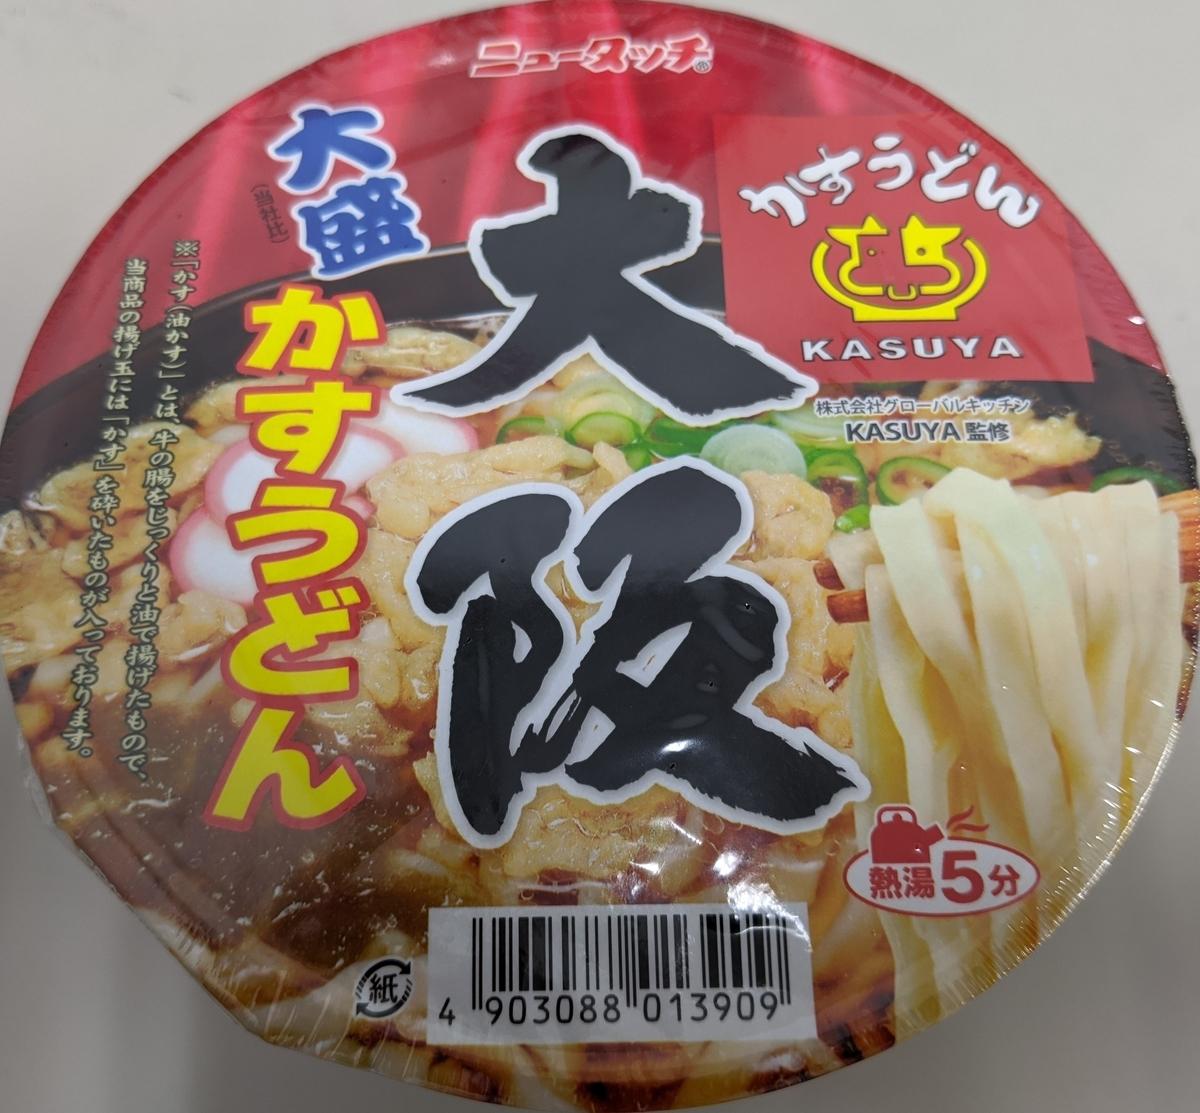 大盛 大阪かすうどんのパッケージ写真